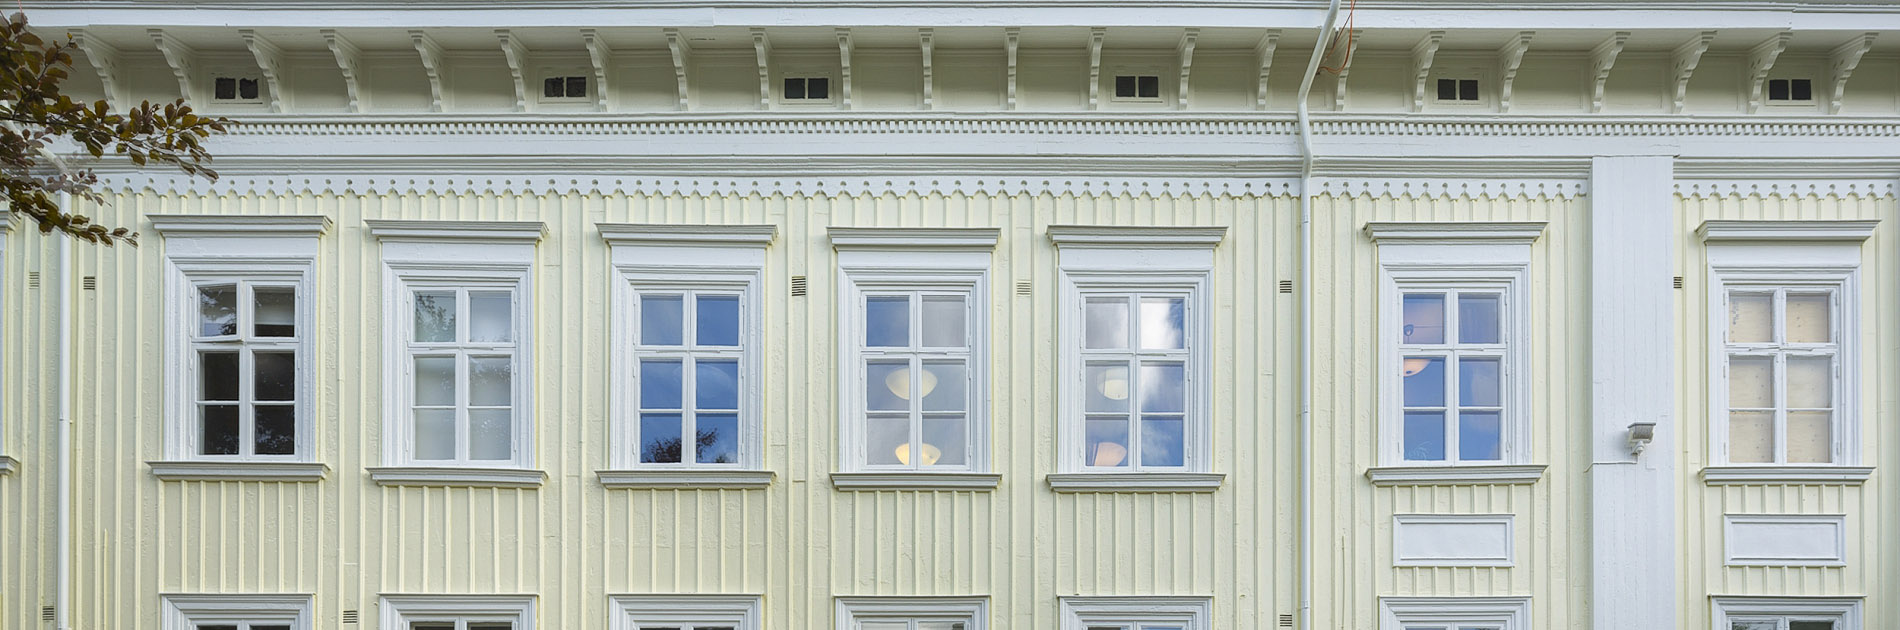 Bö Herrgårds ljudagula träfasad med vita fönster.